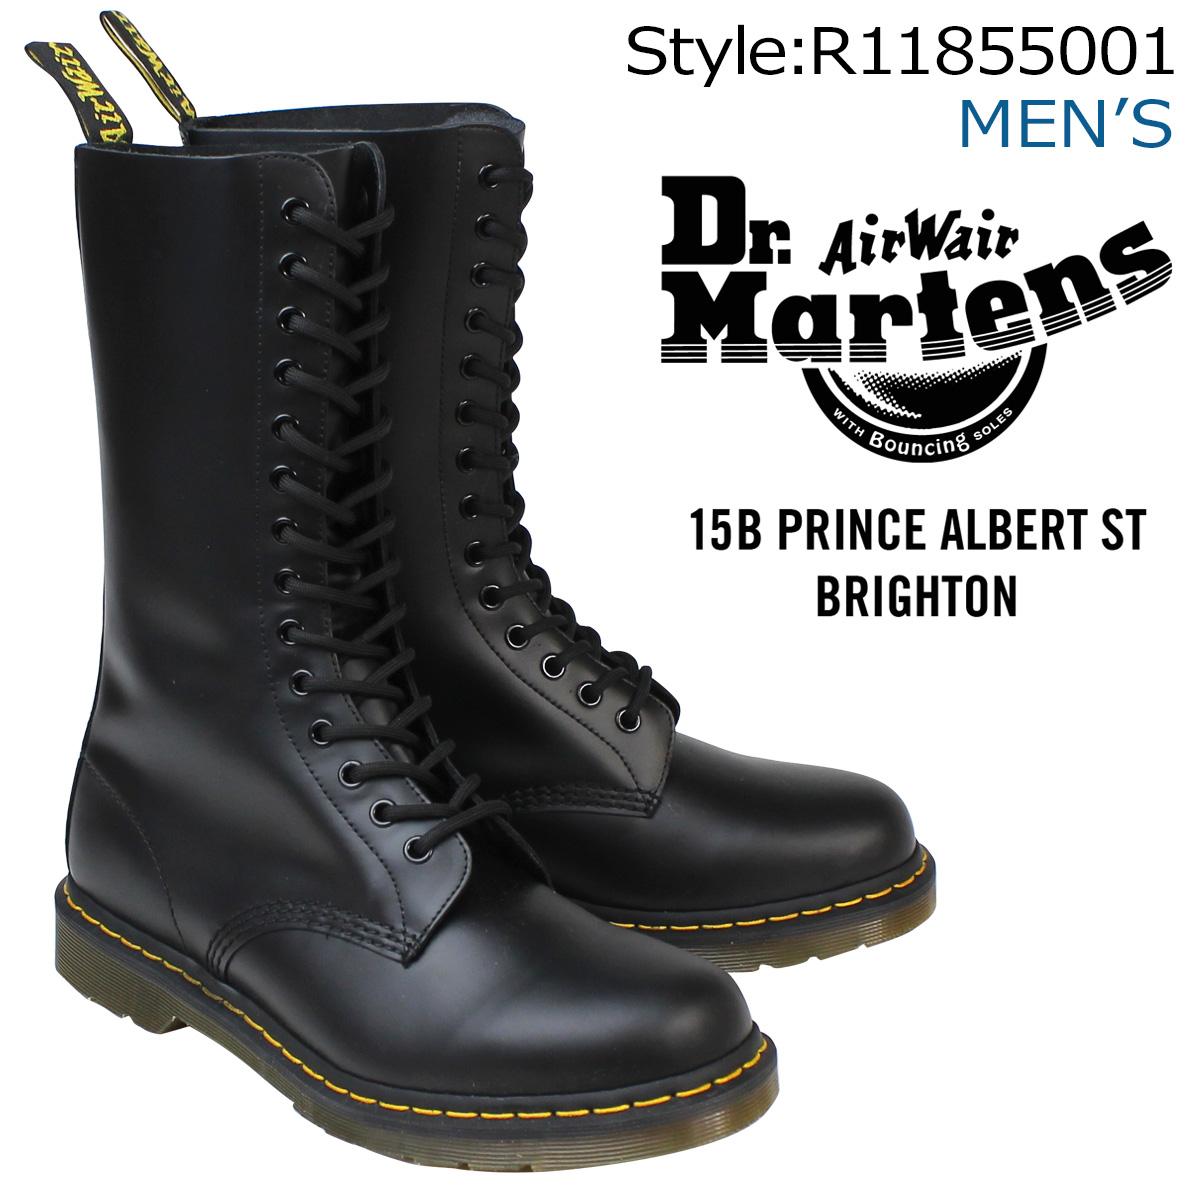 ドクターマーチン Dr. Martens 14ホール メンズ 1914 ブーツ 14EYE BOOT R11855001